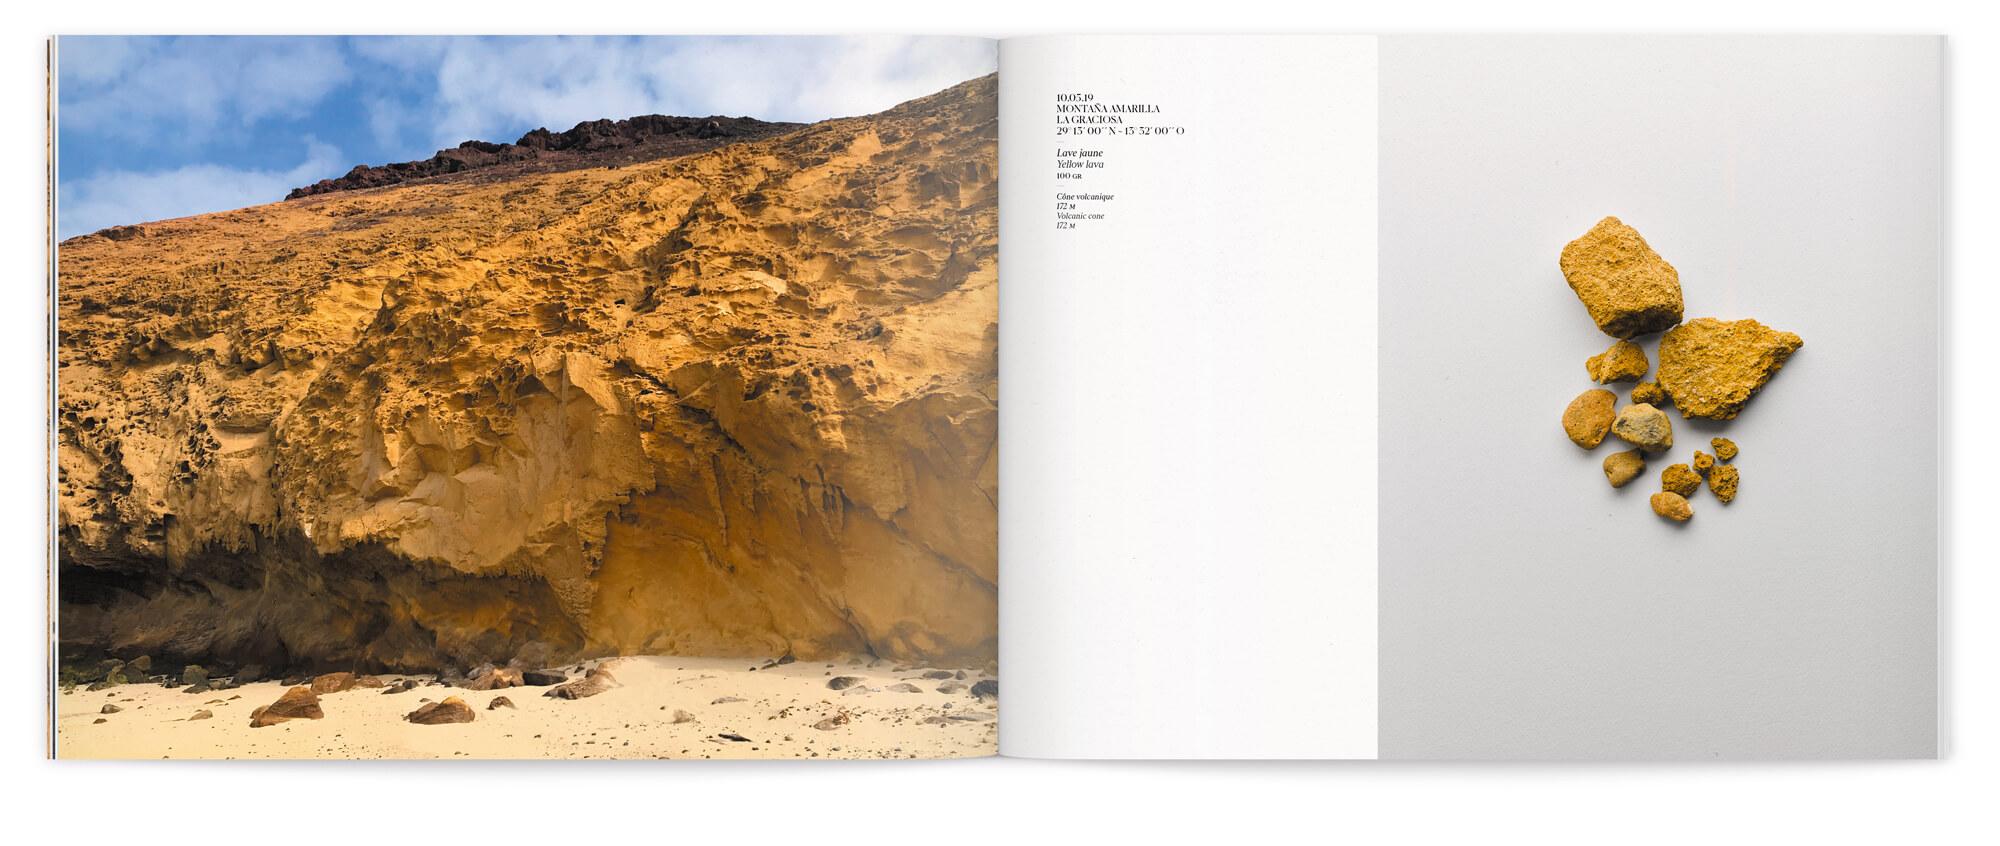 Paysage volcanique et extrait de roche, le voyage de Daniela Busarello sur l'Ile de Lanzarote, design Helena Ichbiah